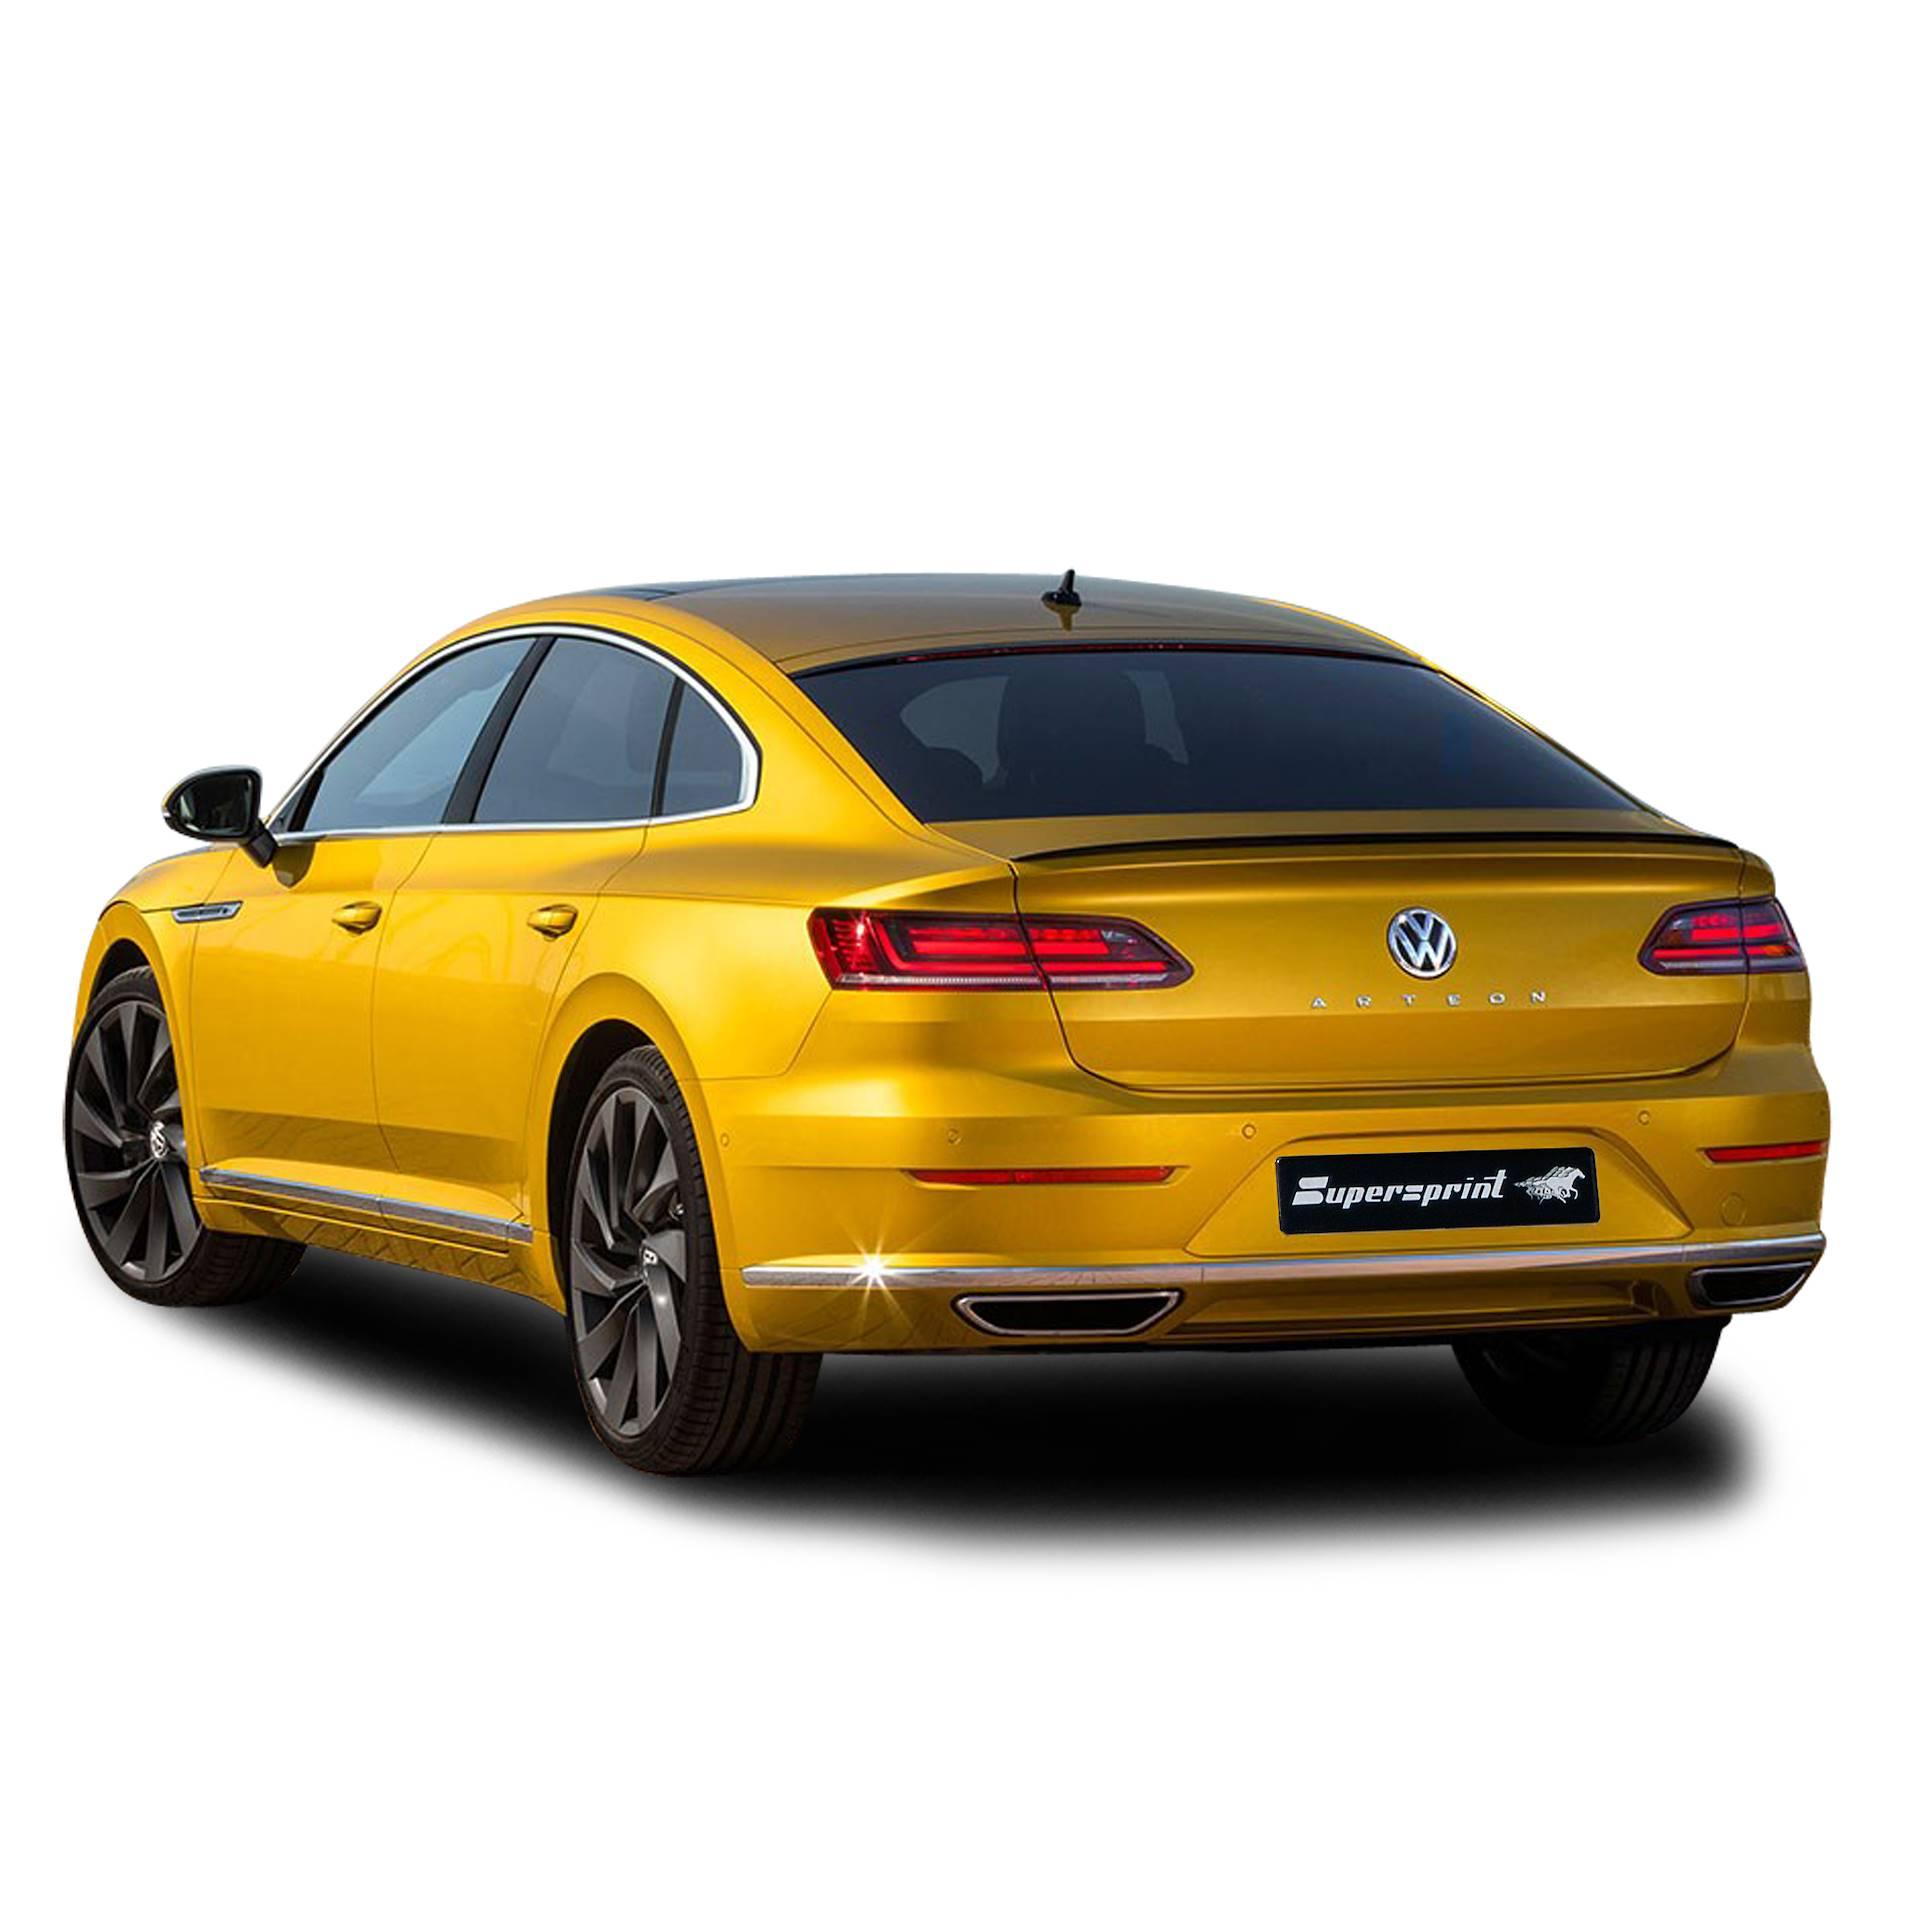 Supersprint sportsudstødning til VW Arteon